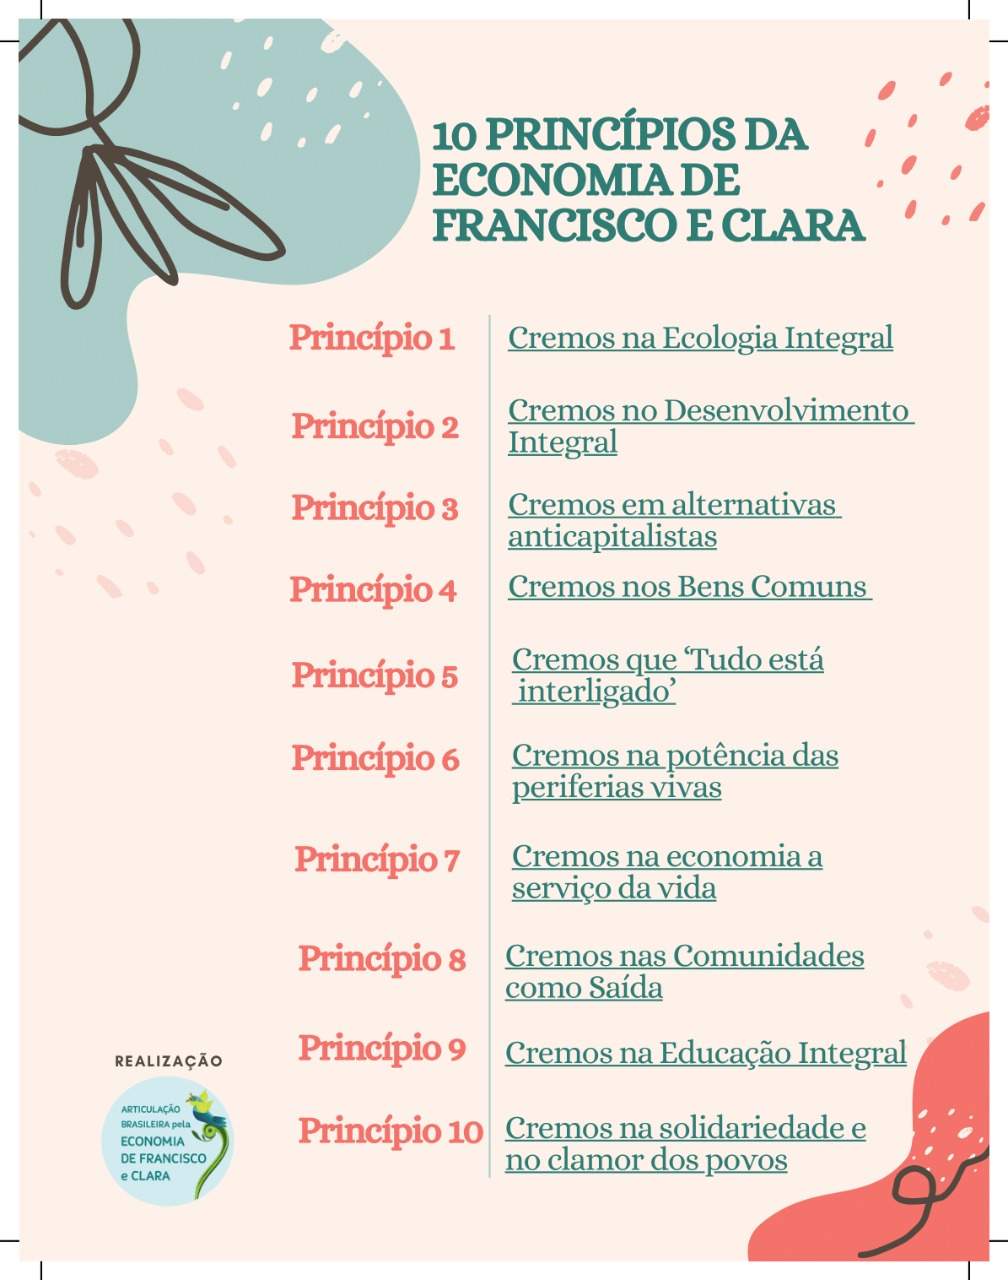 10 Principios Economía Francisco y Clara